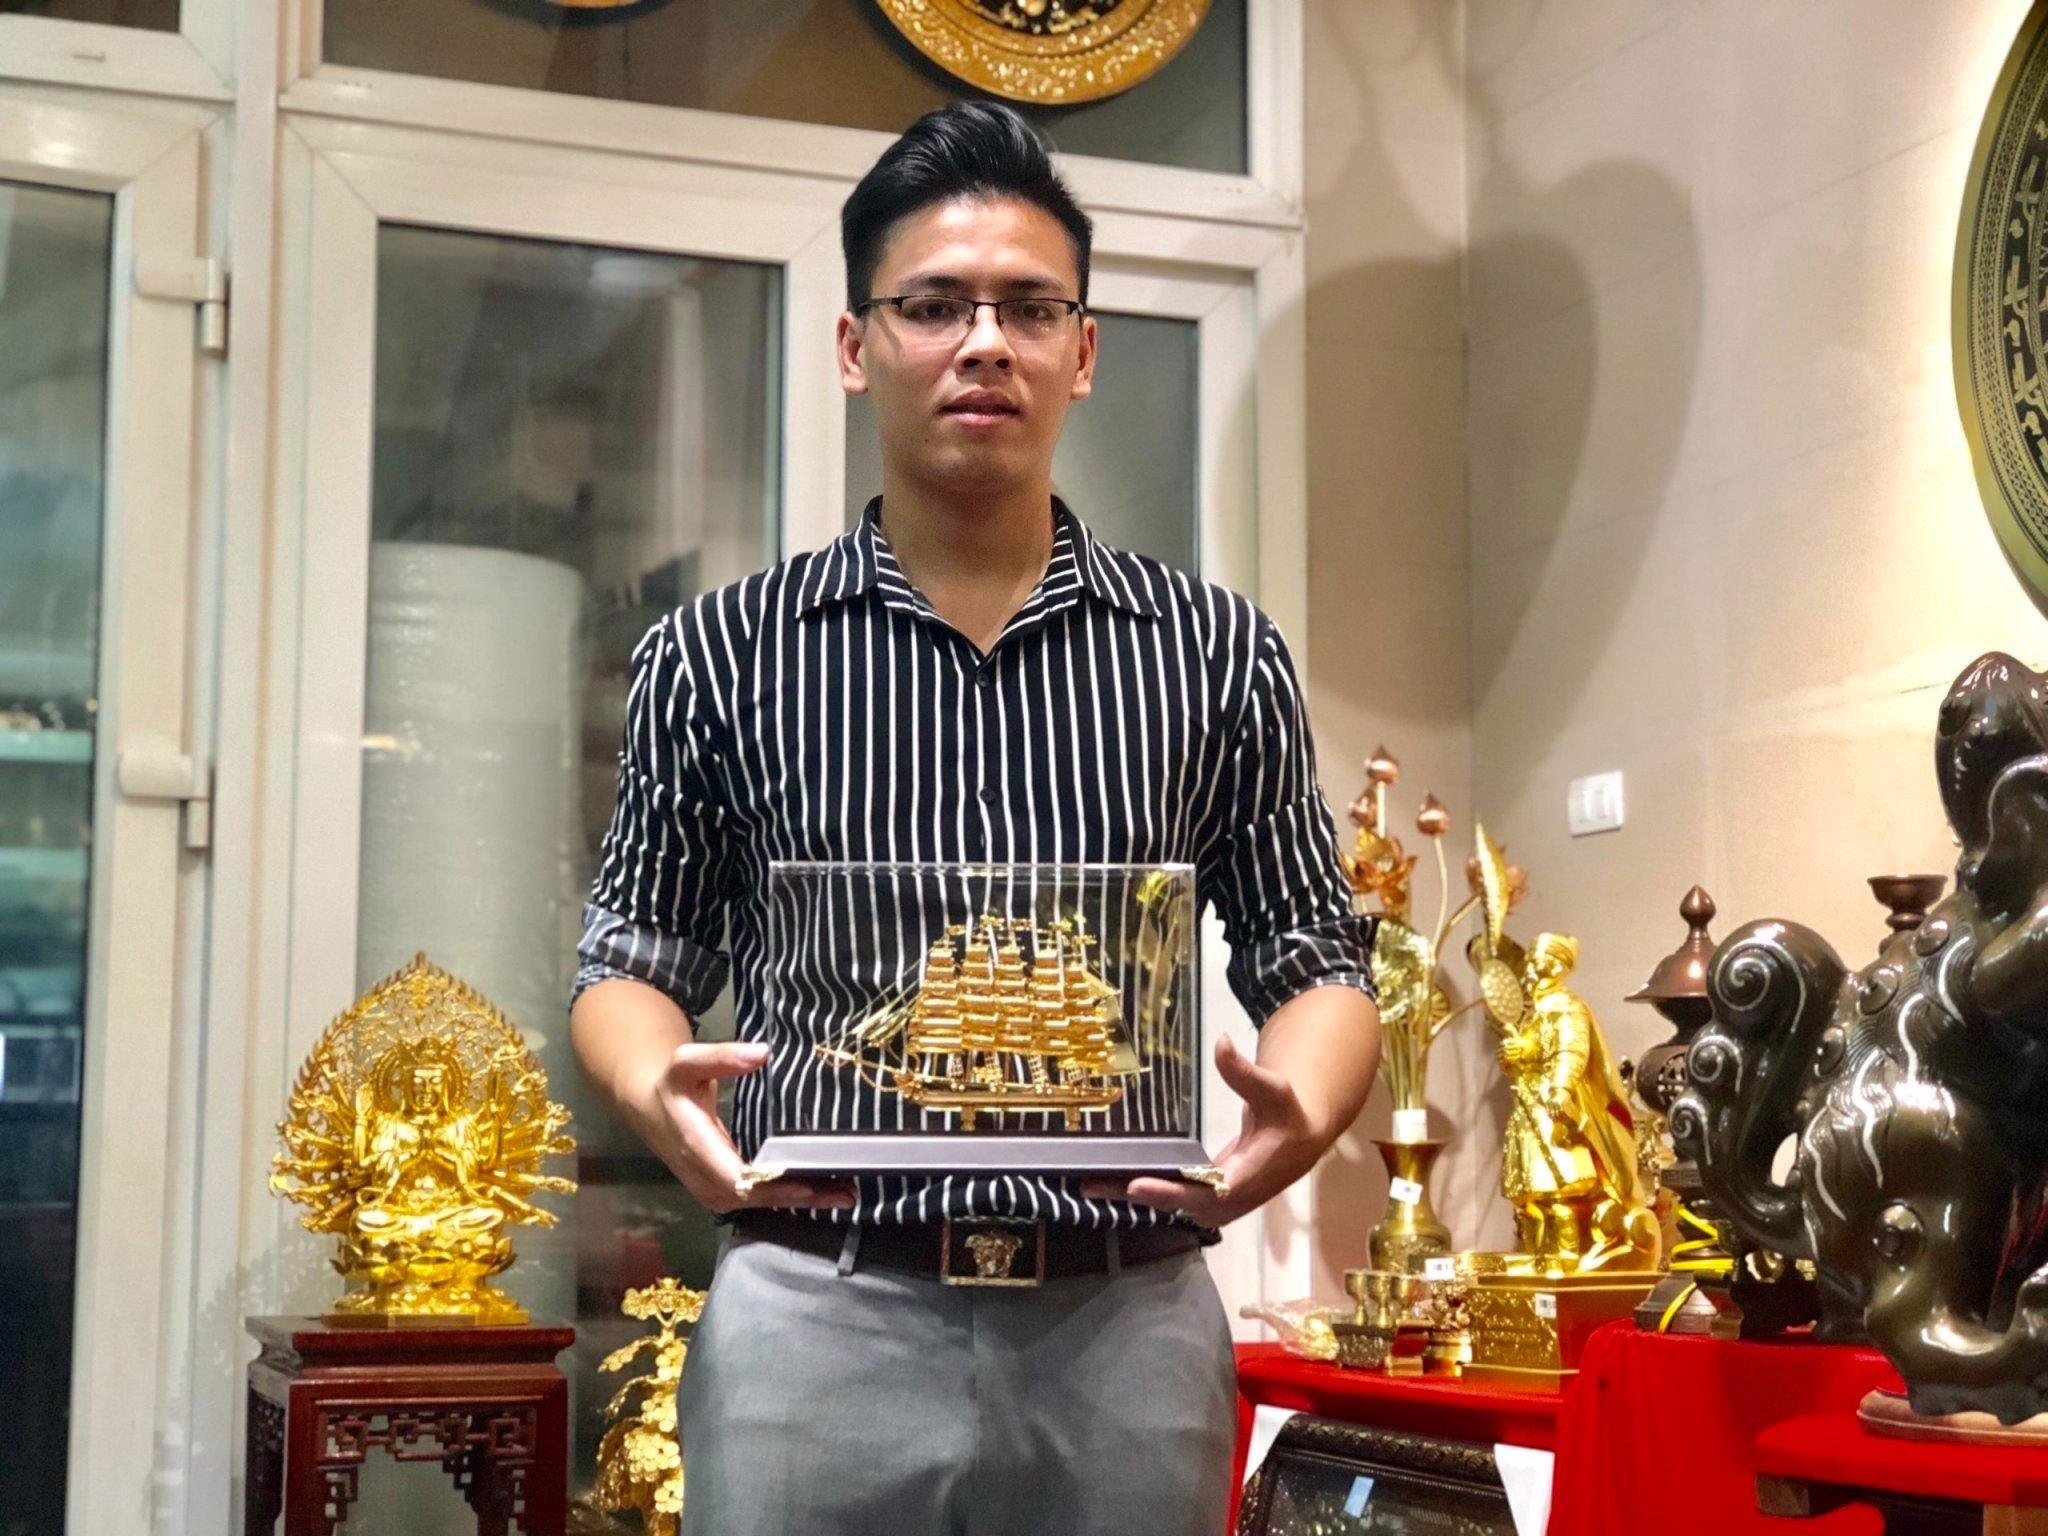 Mô hình thuyền buồm mạ vàng 24k quà tặng sếp